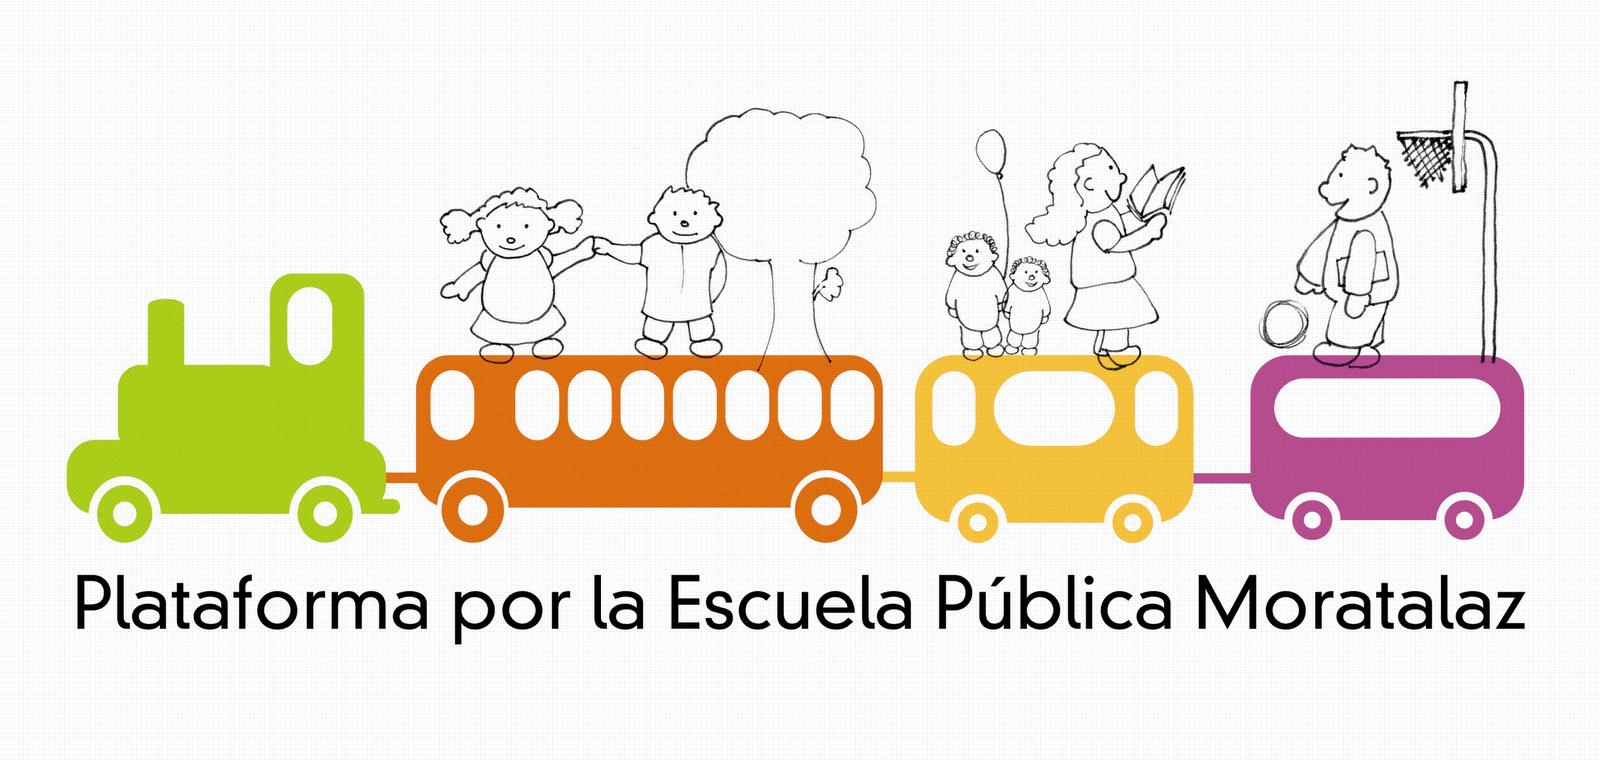 Plataforma por la Escuela Pública de Moratalaz